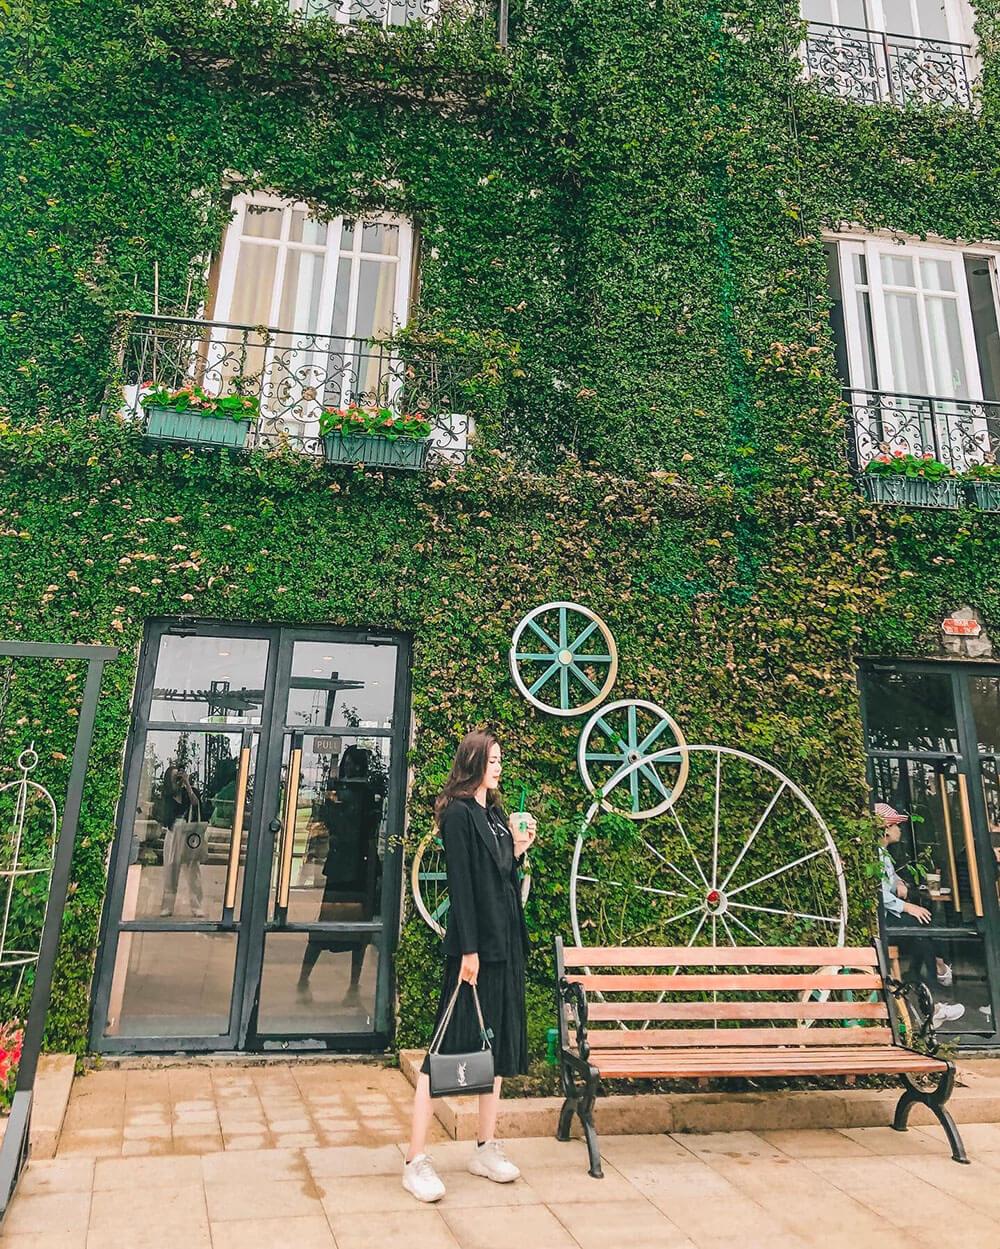 Starbucks Coffee Tai Sun World Bana Hills Review Hue Da Nang Hoi An Ninh Binh 7n7d Chi Voi 8 Trieu Tin Duoc Khong 01